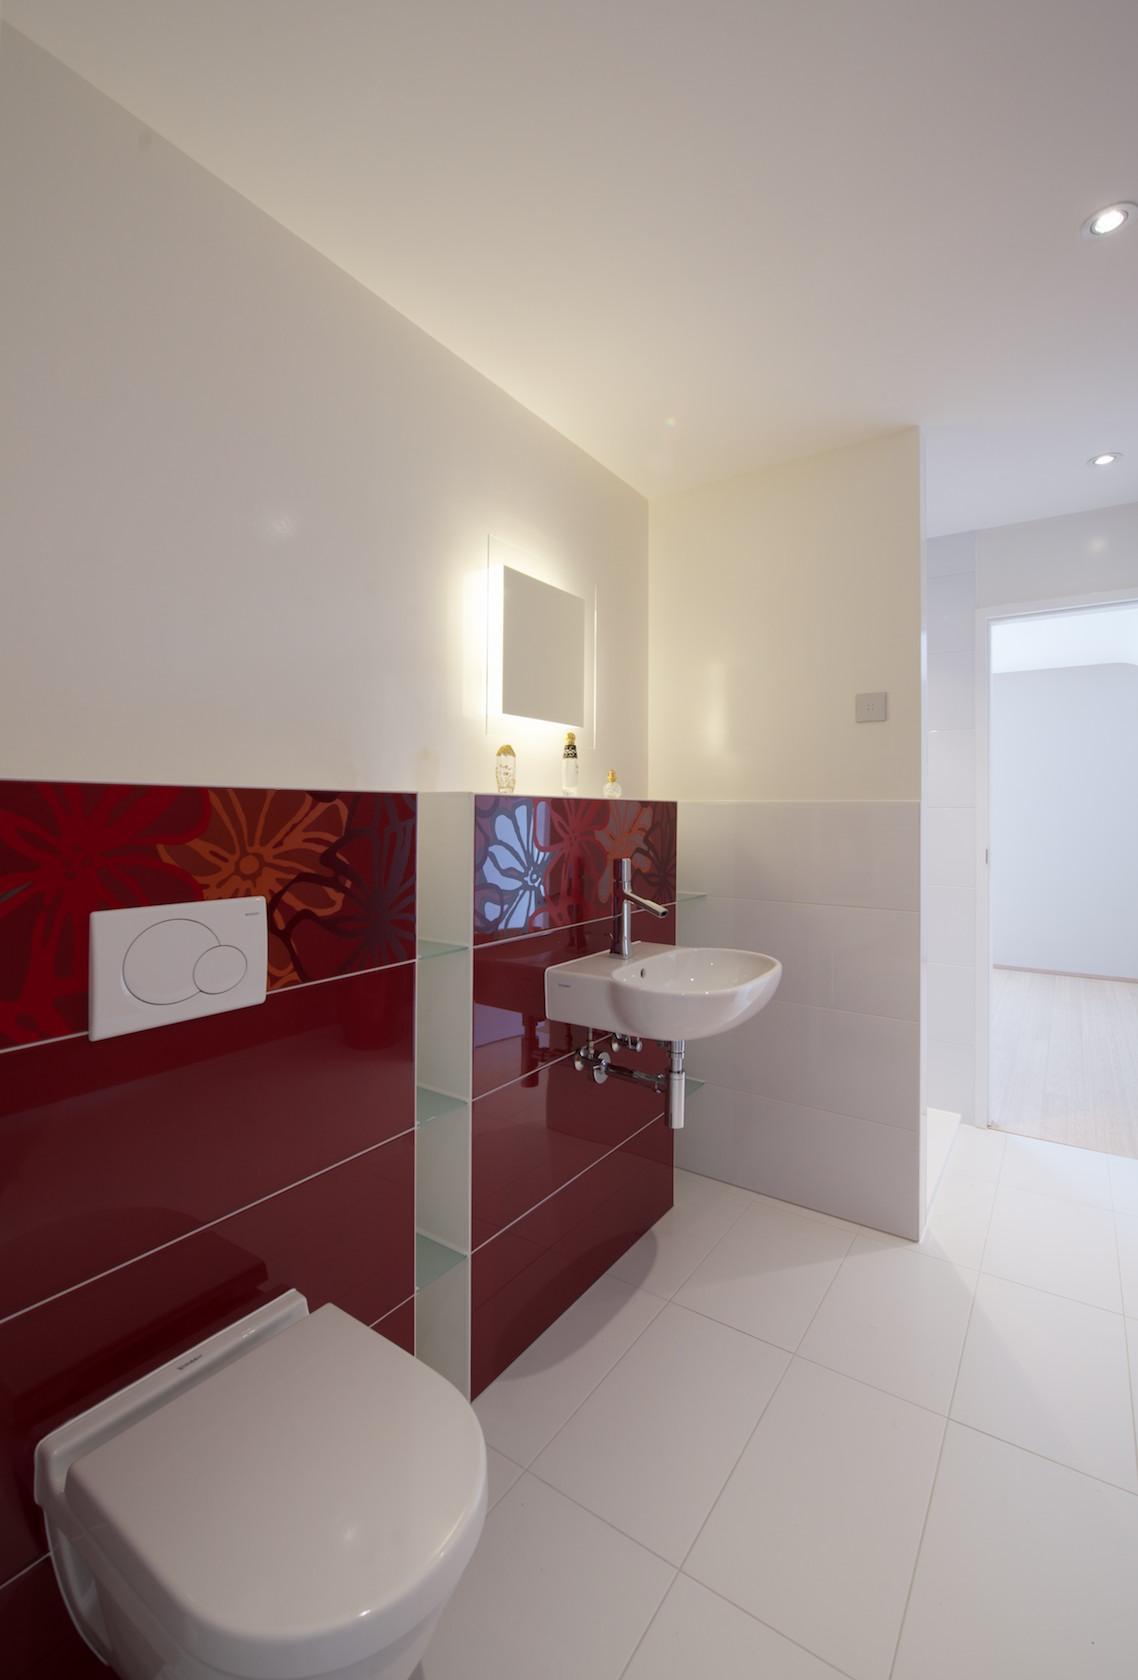 maison zero enerie heusy t palm. Black Bedroom Furniture Sets. Home Design Ideas